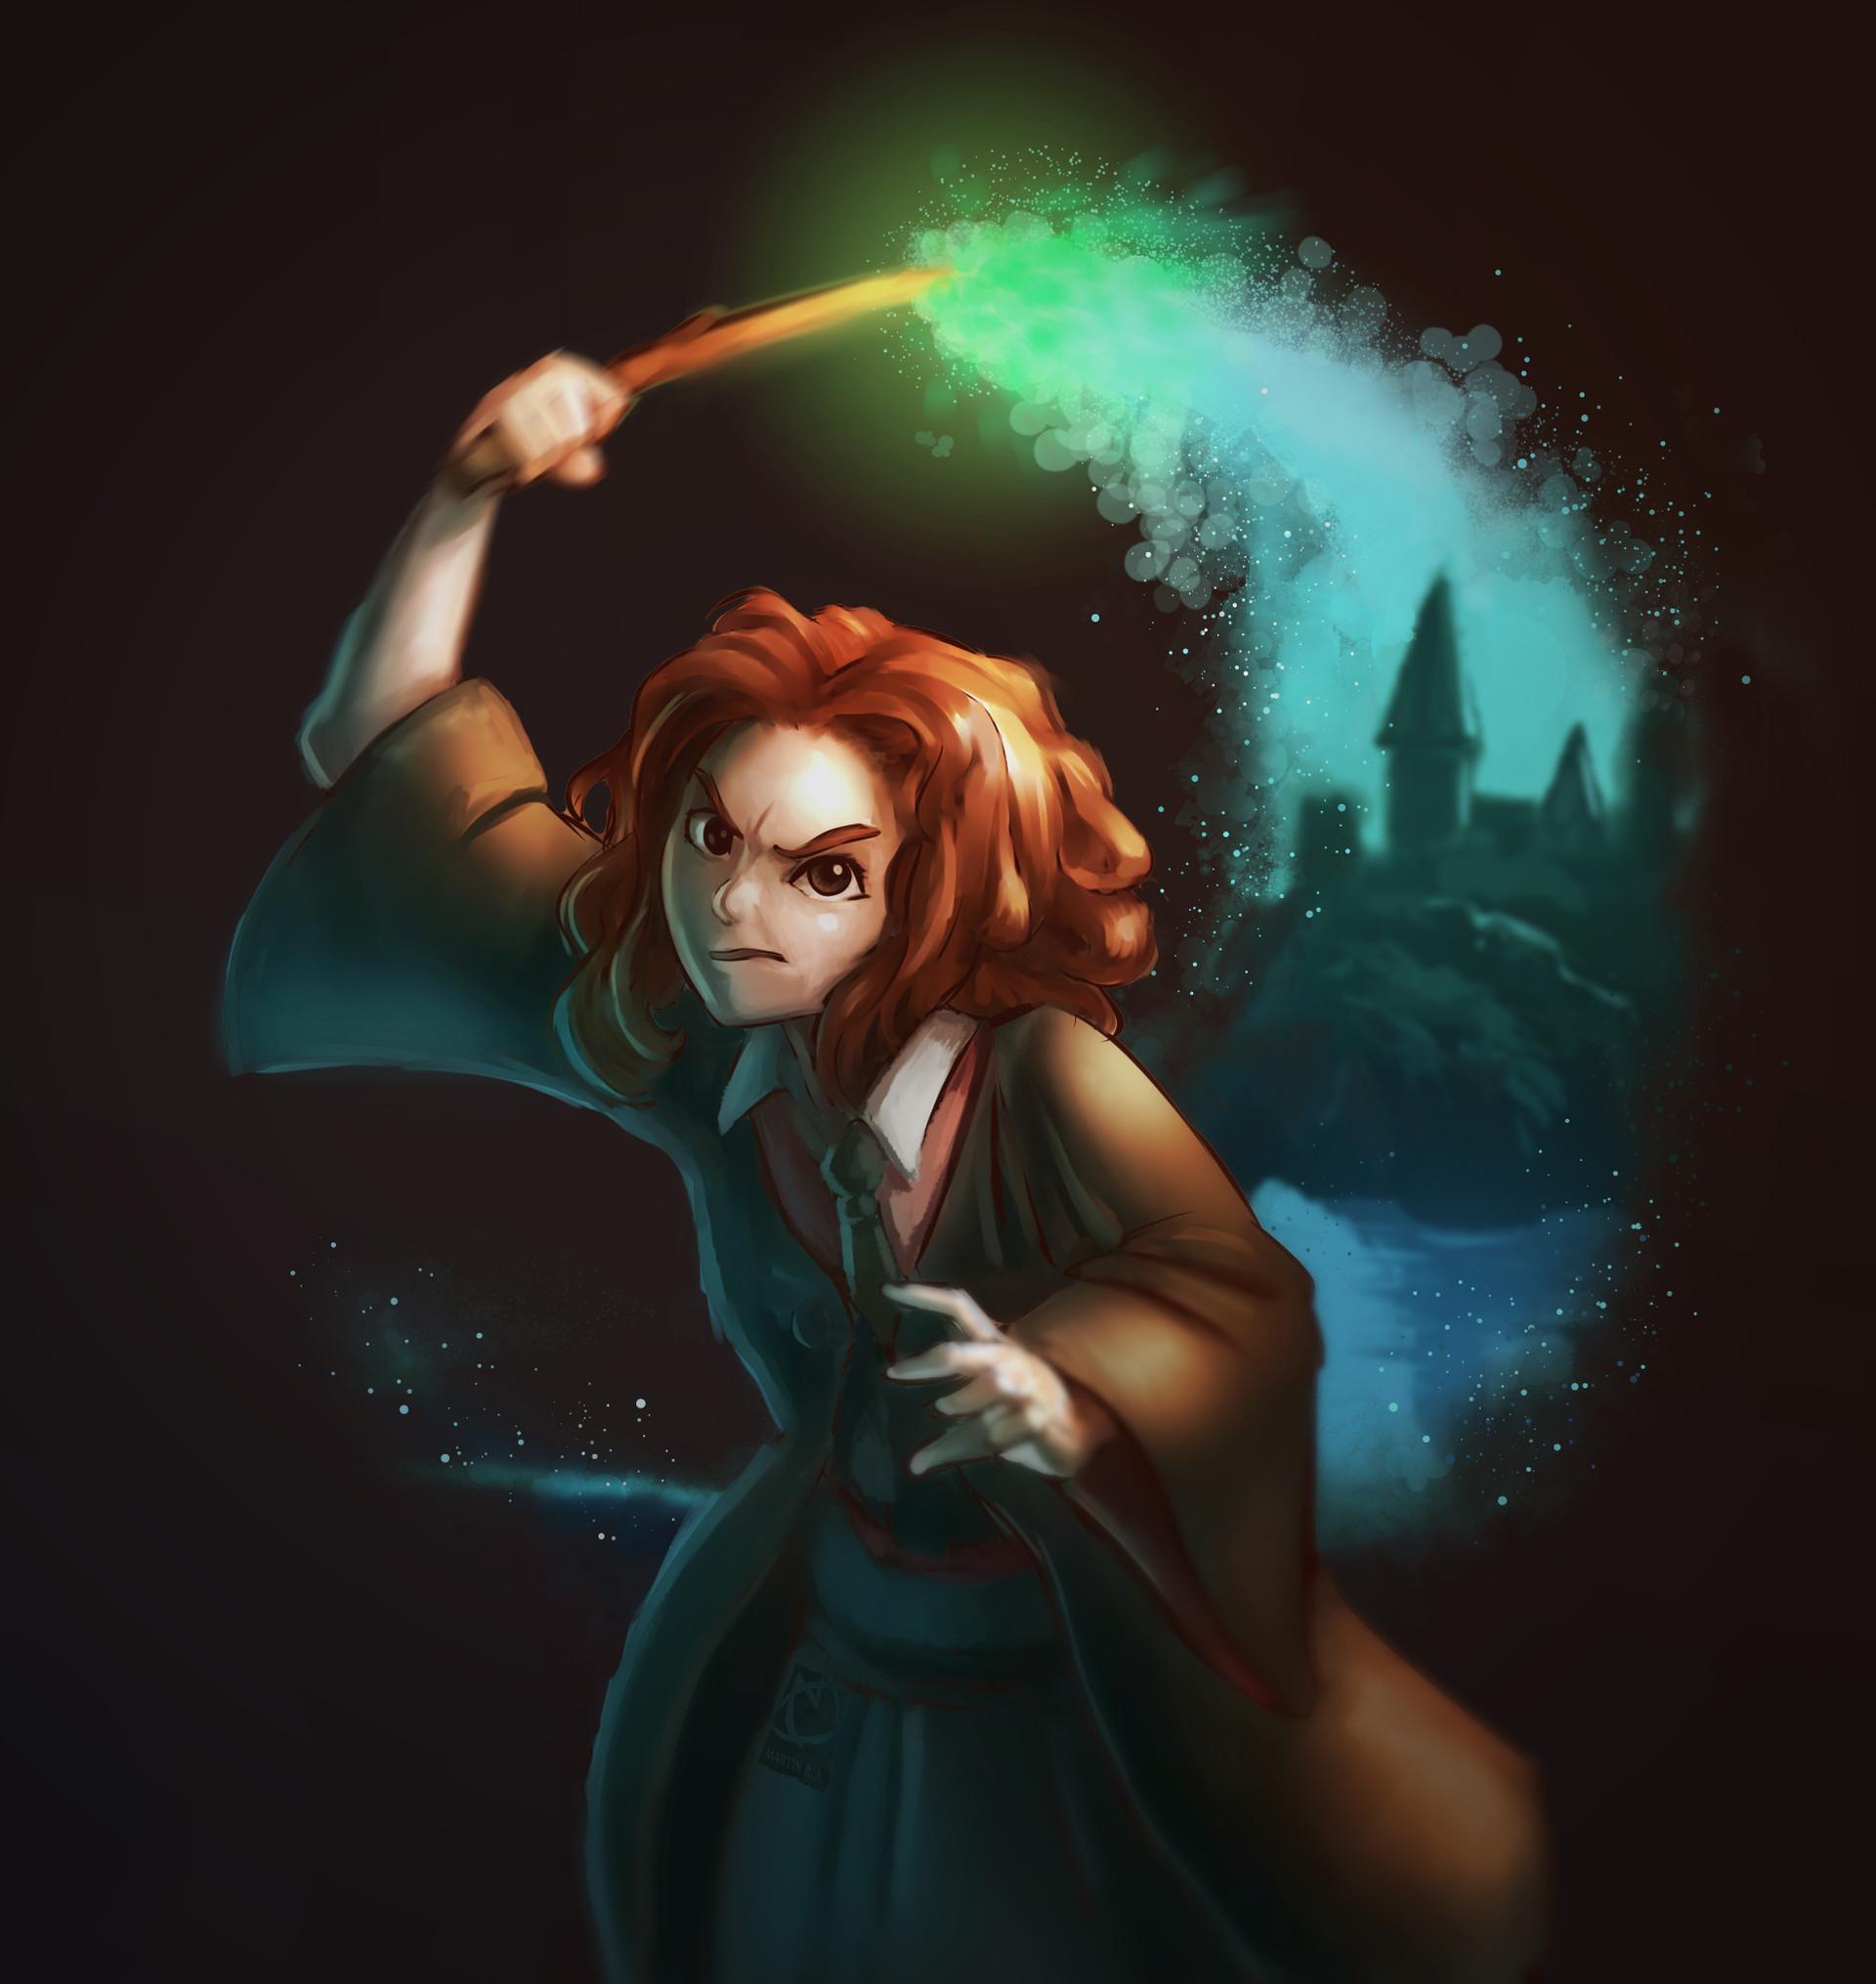 Martin ruiz hermione fanart